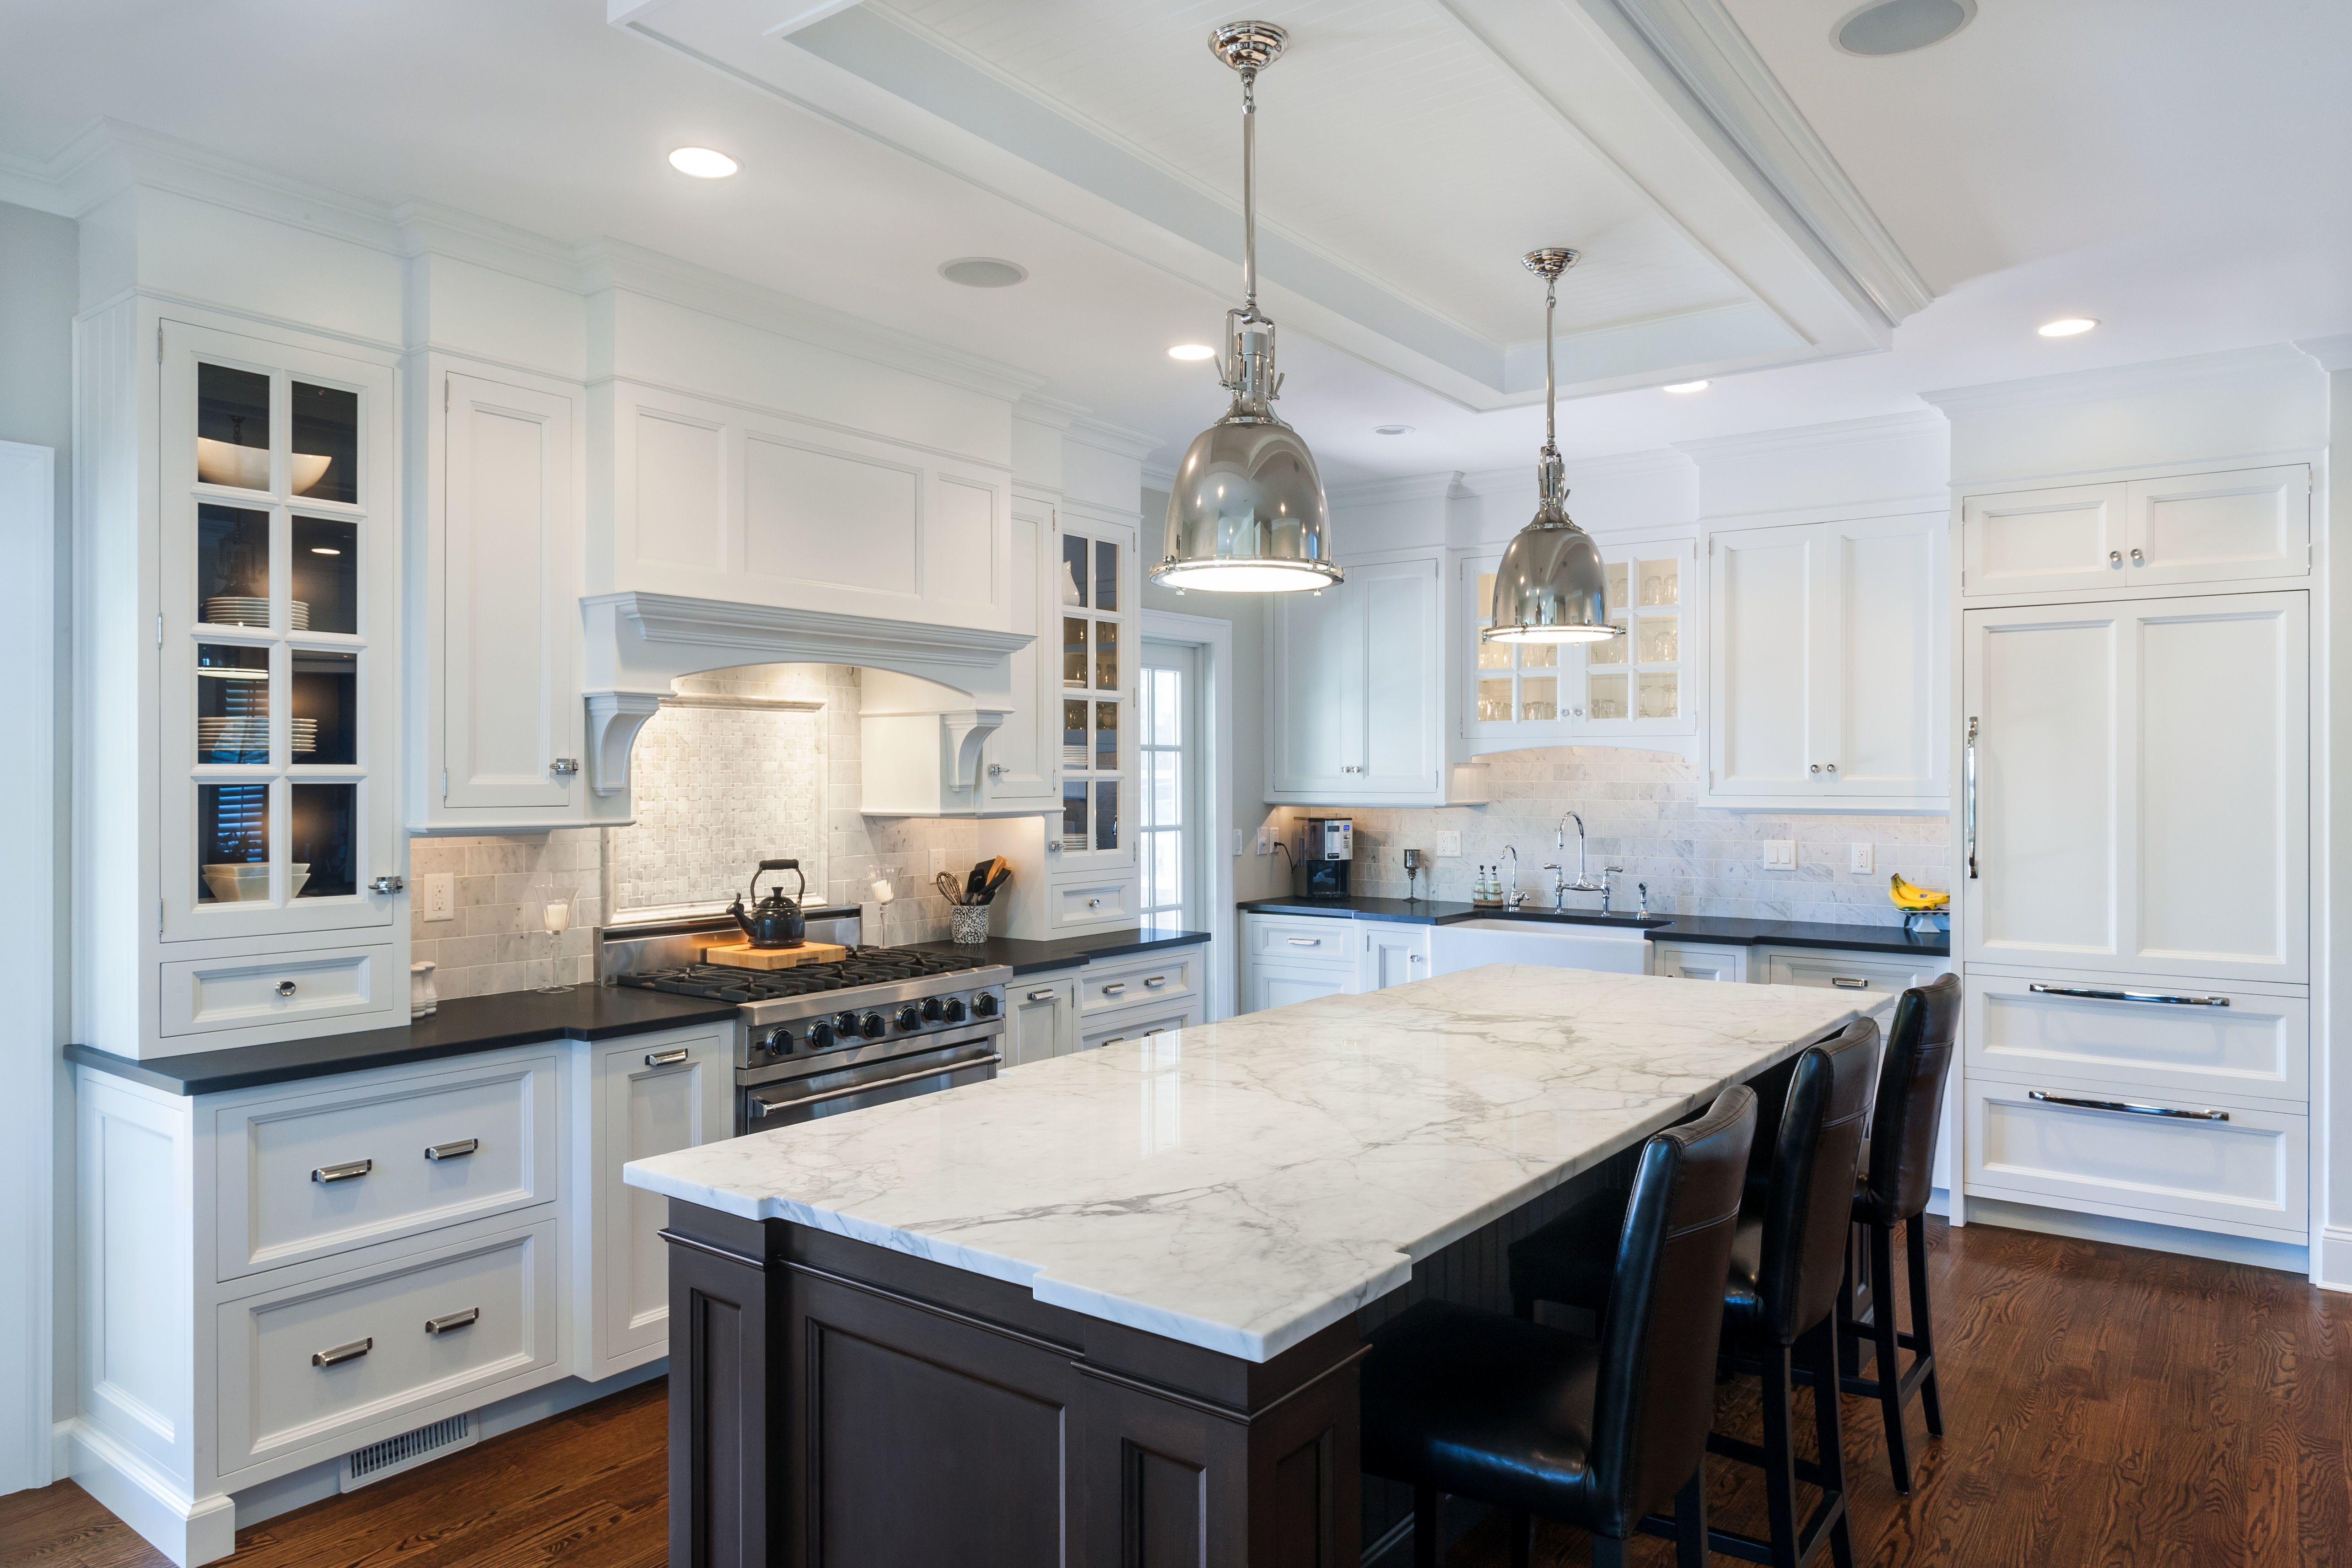 Im Inneren Dieser Beeindruckenden 28 Kuchenschrank Und Arbeitsplatte Ideen Ideen Bilder Weisser Marmor Kuche Kuchendesign Und Kuchenrenovierung